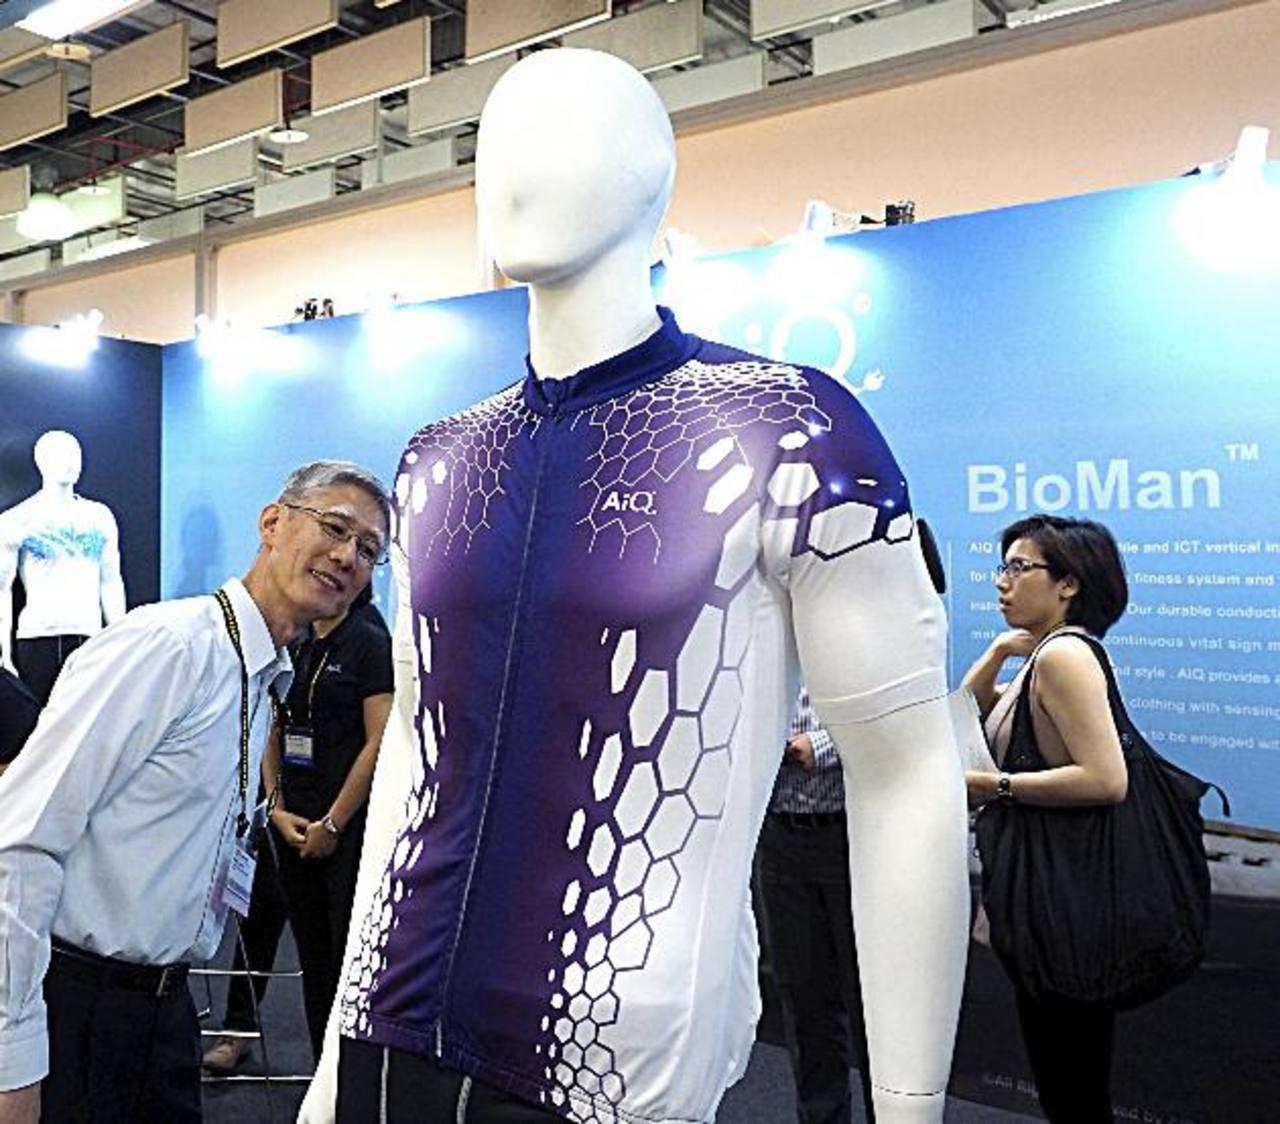 Camisa inteligente desarrollada por la empresa taiwanesa AiuQ Smart Clothing Inc. foto edh